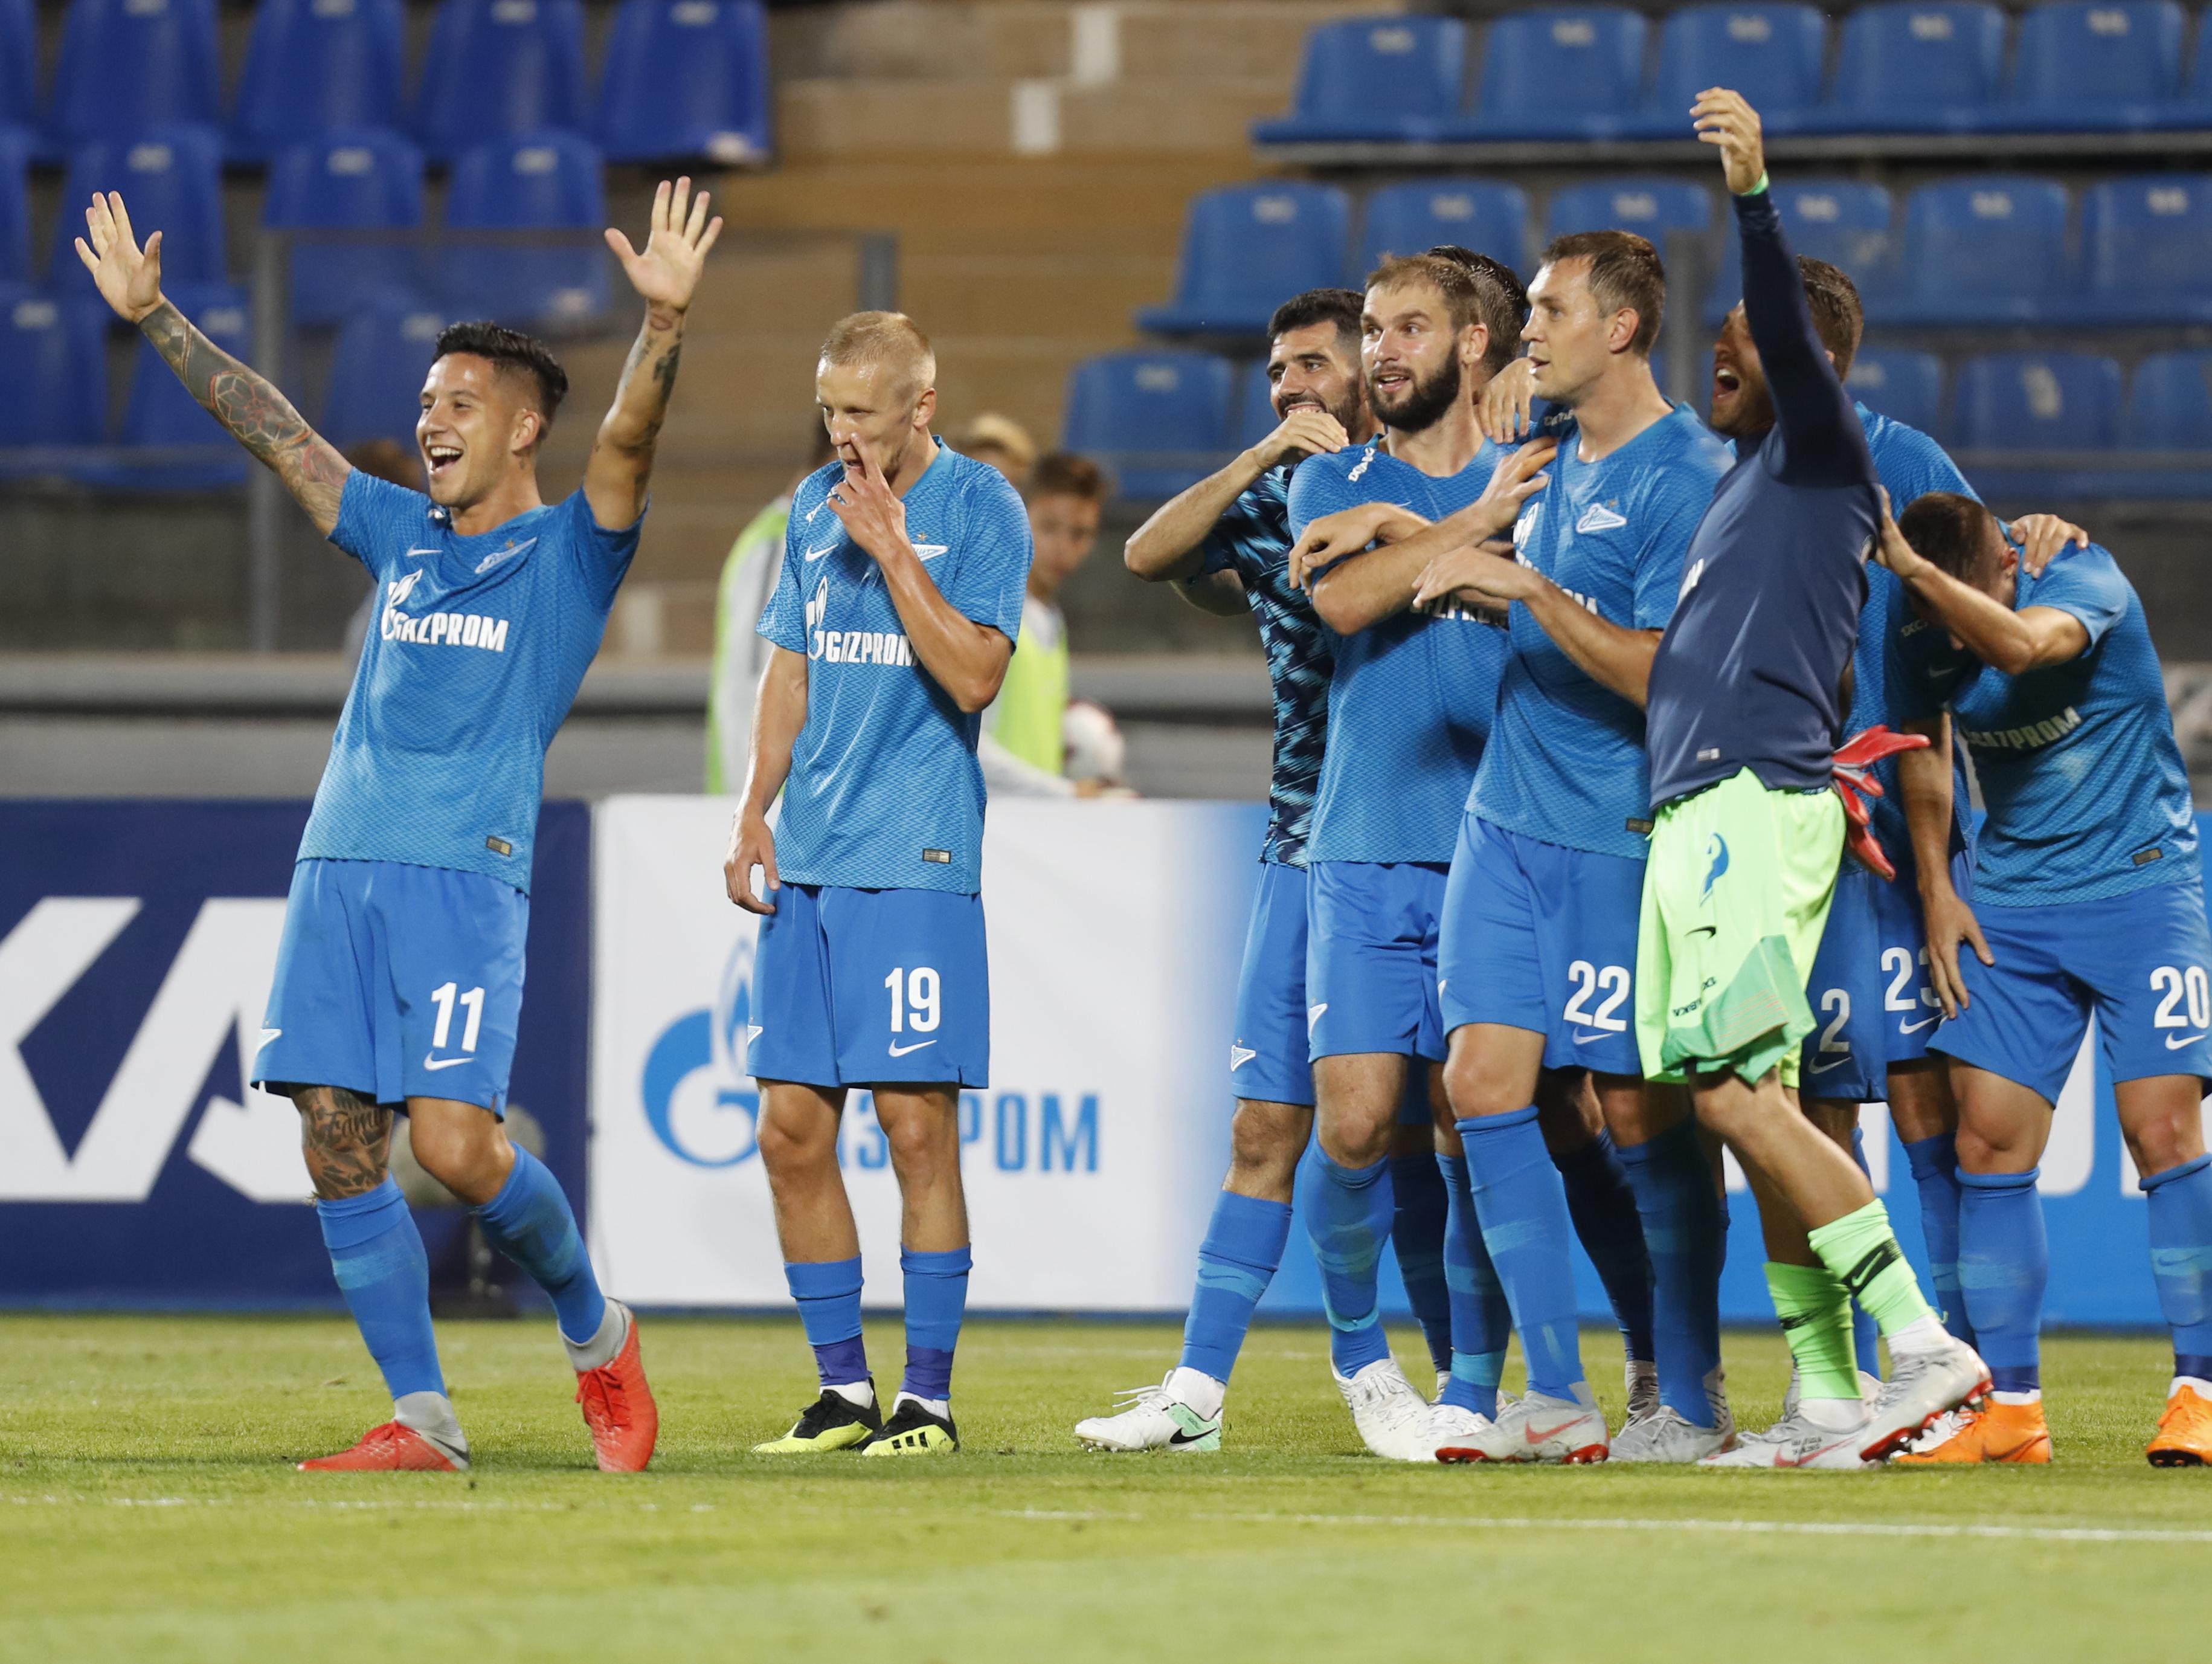 מוקדמות הליגה האירופית: זניט מחקה הפסד 4:0 עם ניצחון 1:8 בגומלין